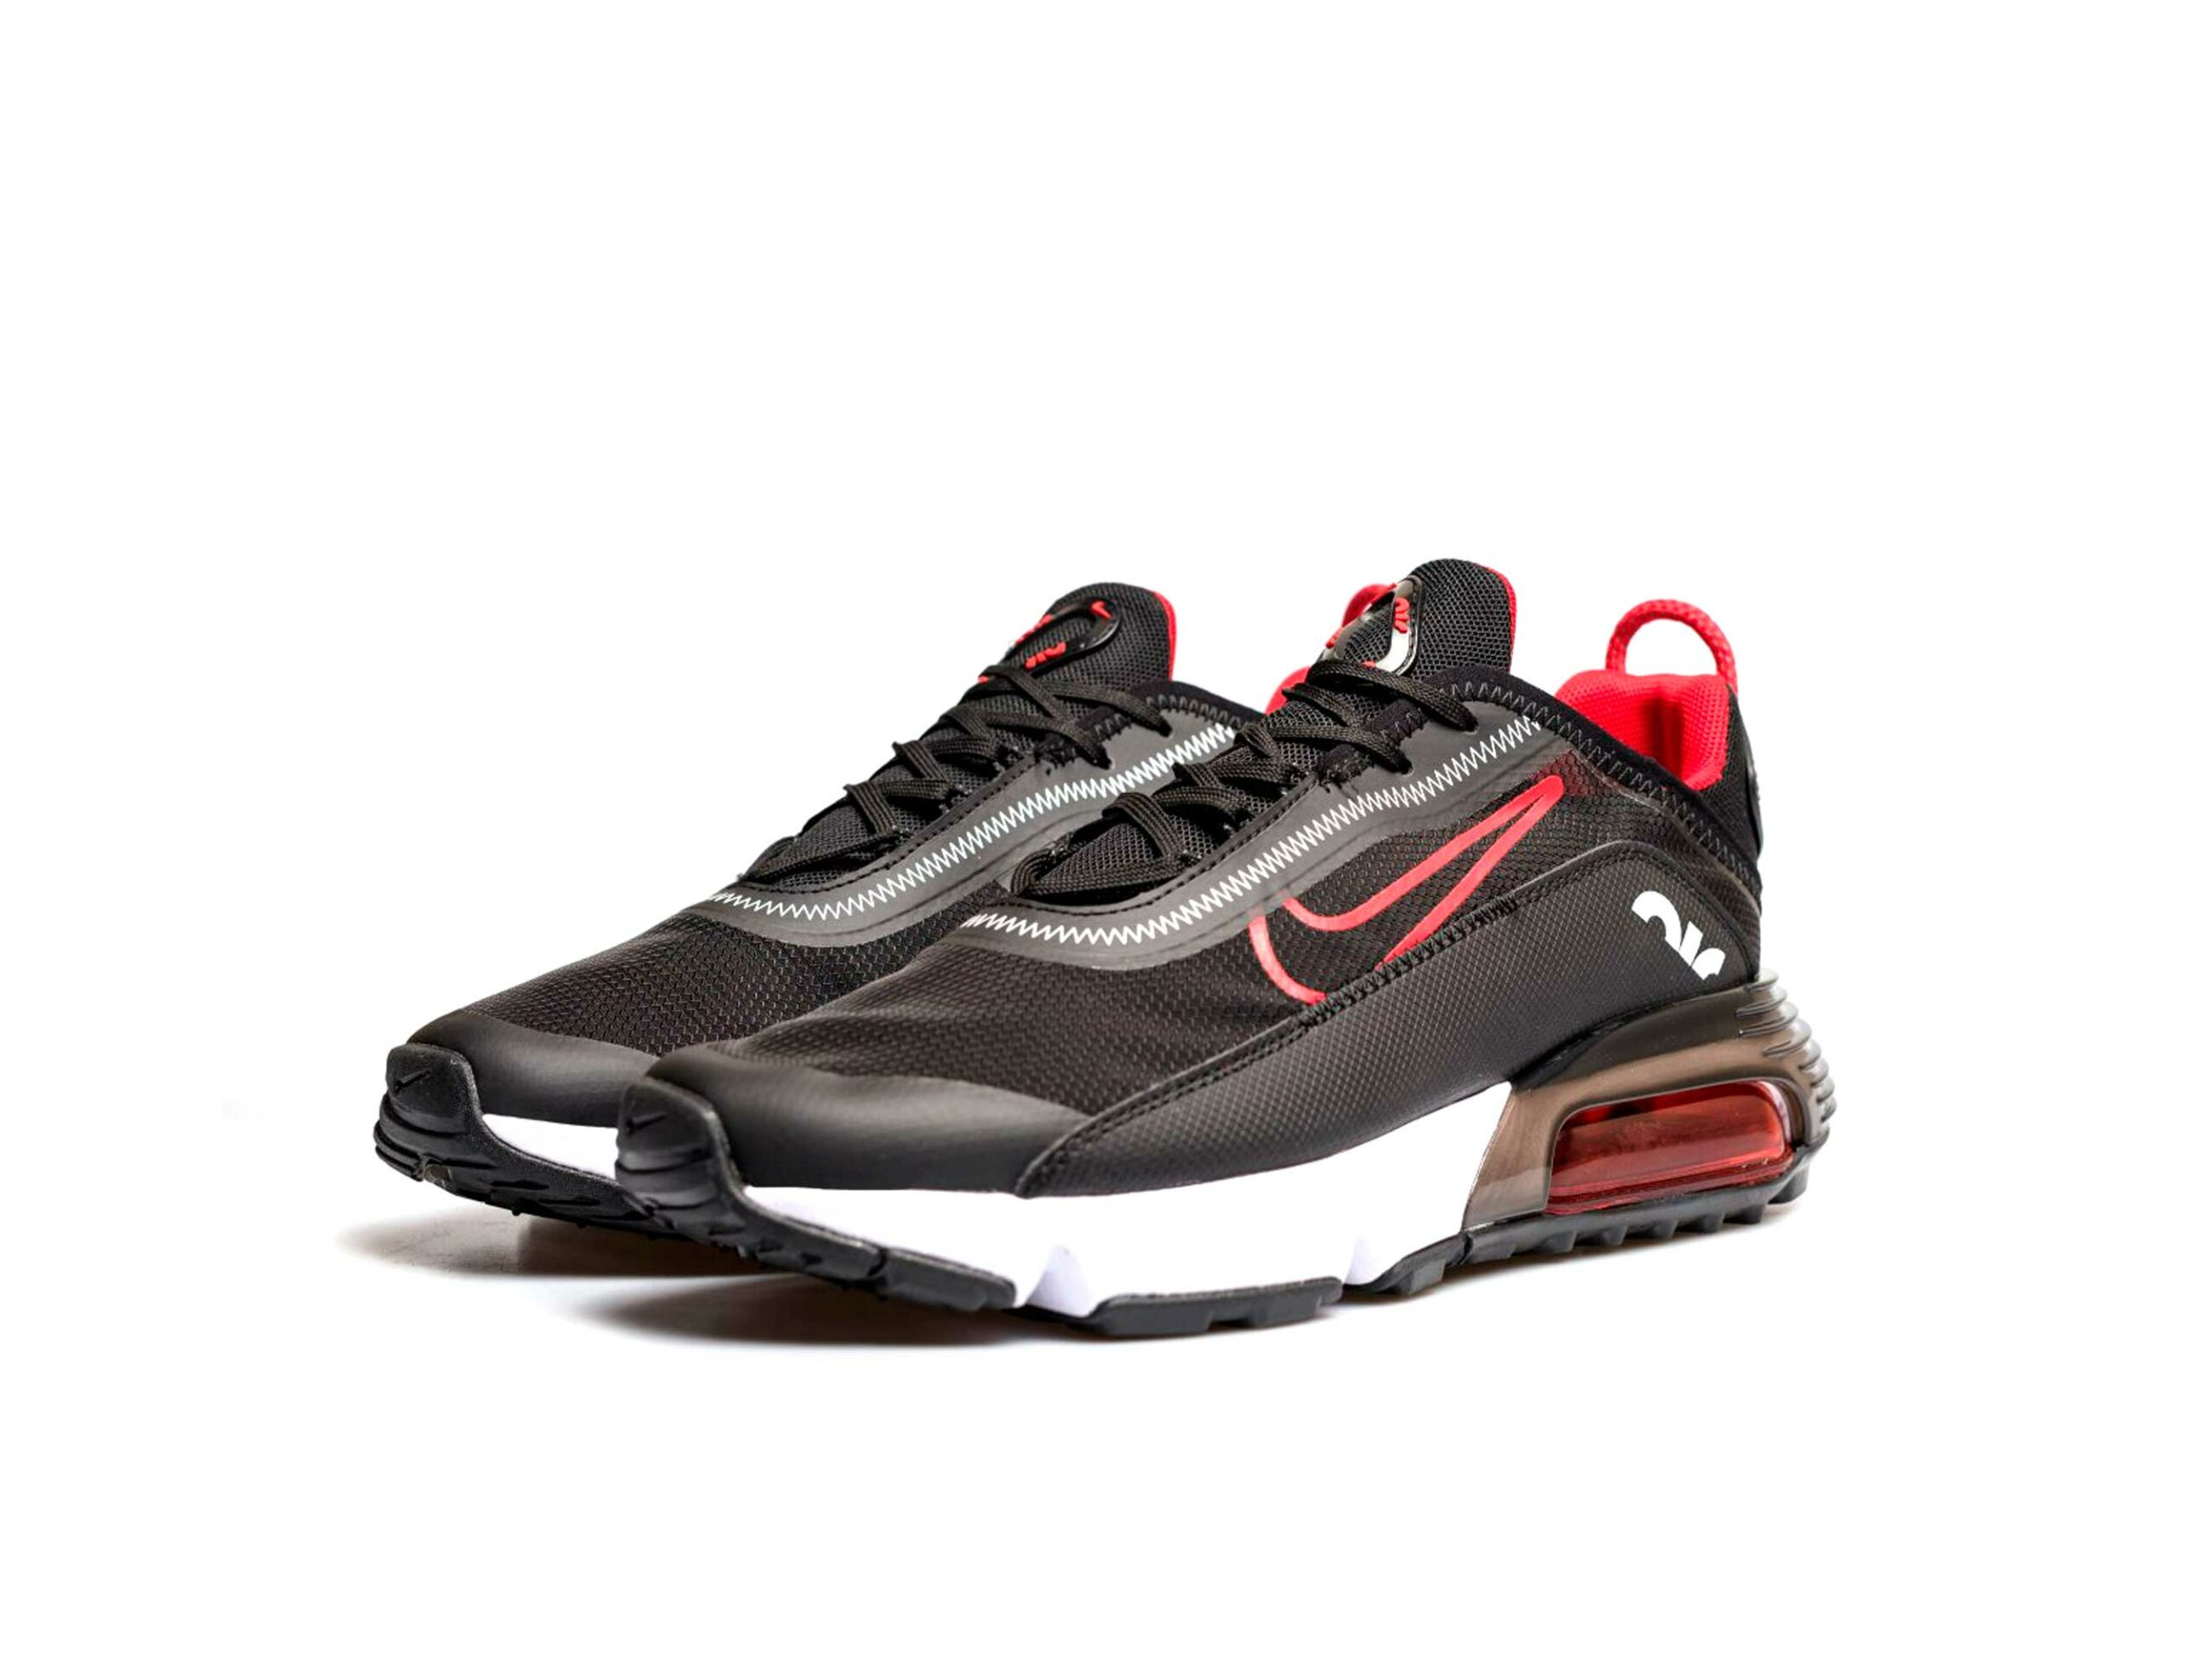 nike air max 2090 black red CT7698_010 купить